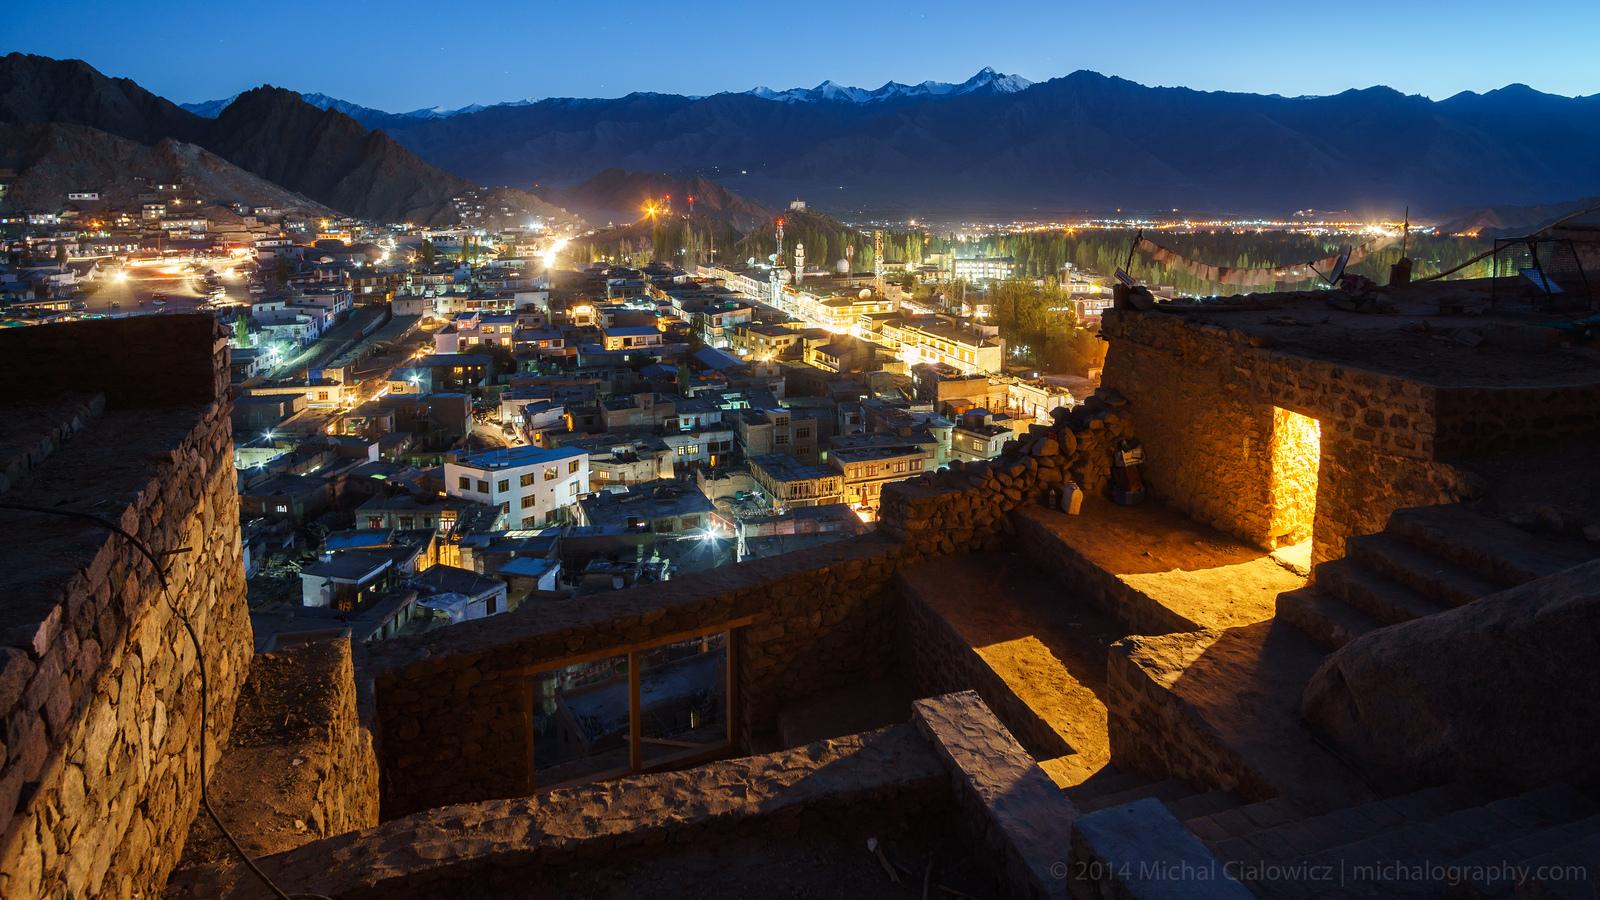 Night in Leh, Ladakh, India (Sony A6000 + Rokinon 12mm f/2.0)